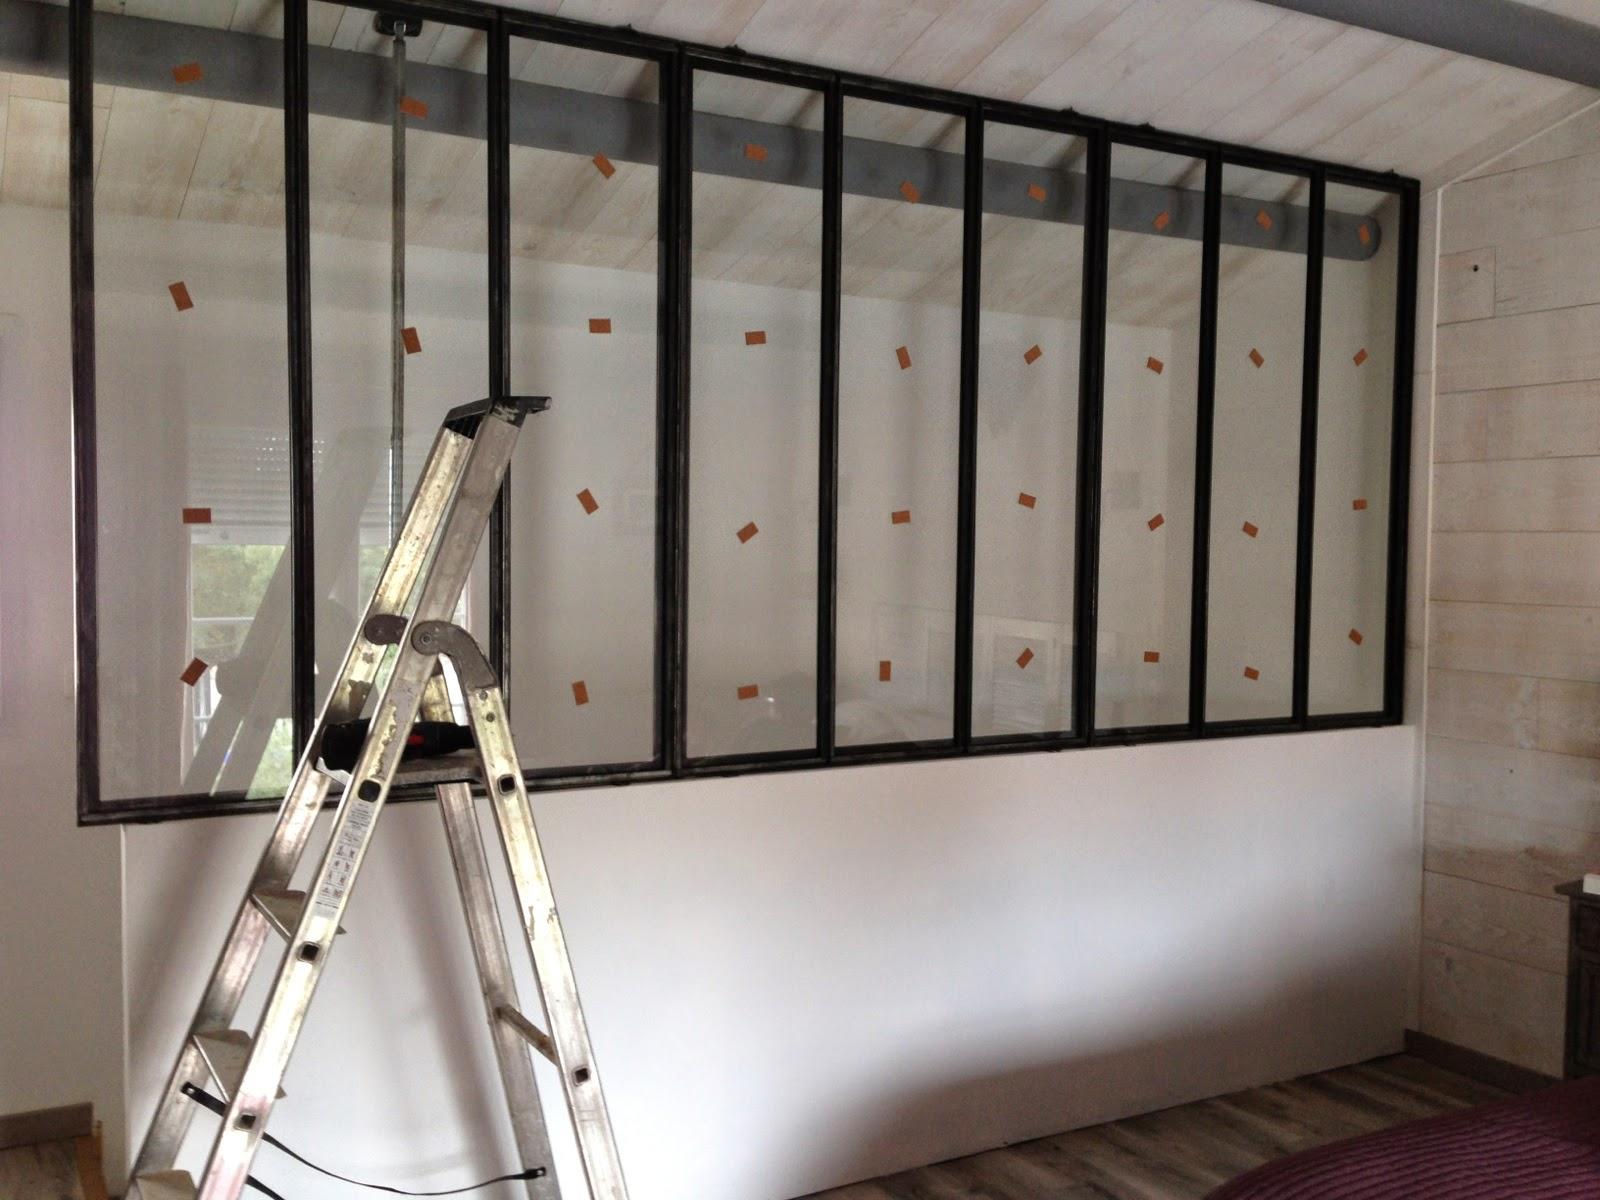 Paroi atelier castorama cloison amovible cloisonne pins for Cloison atelier lapeyre